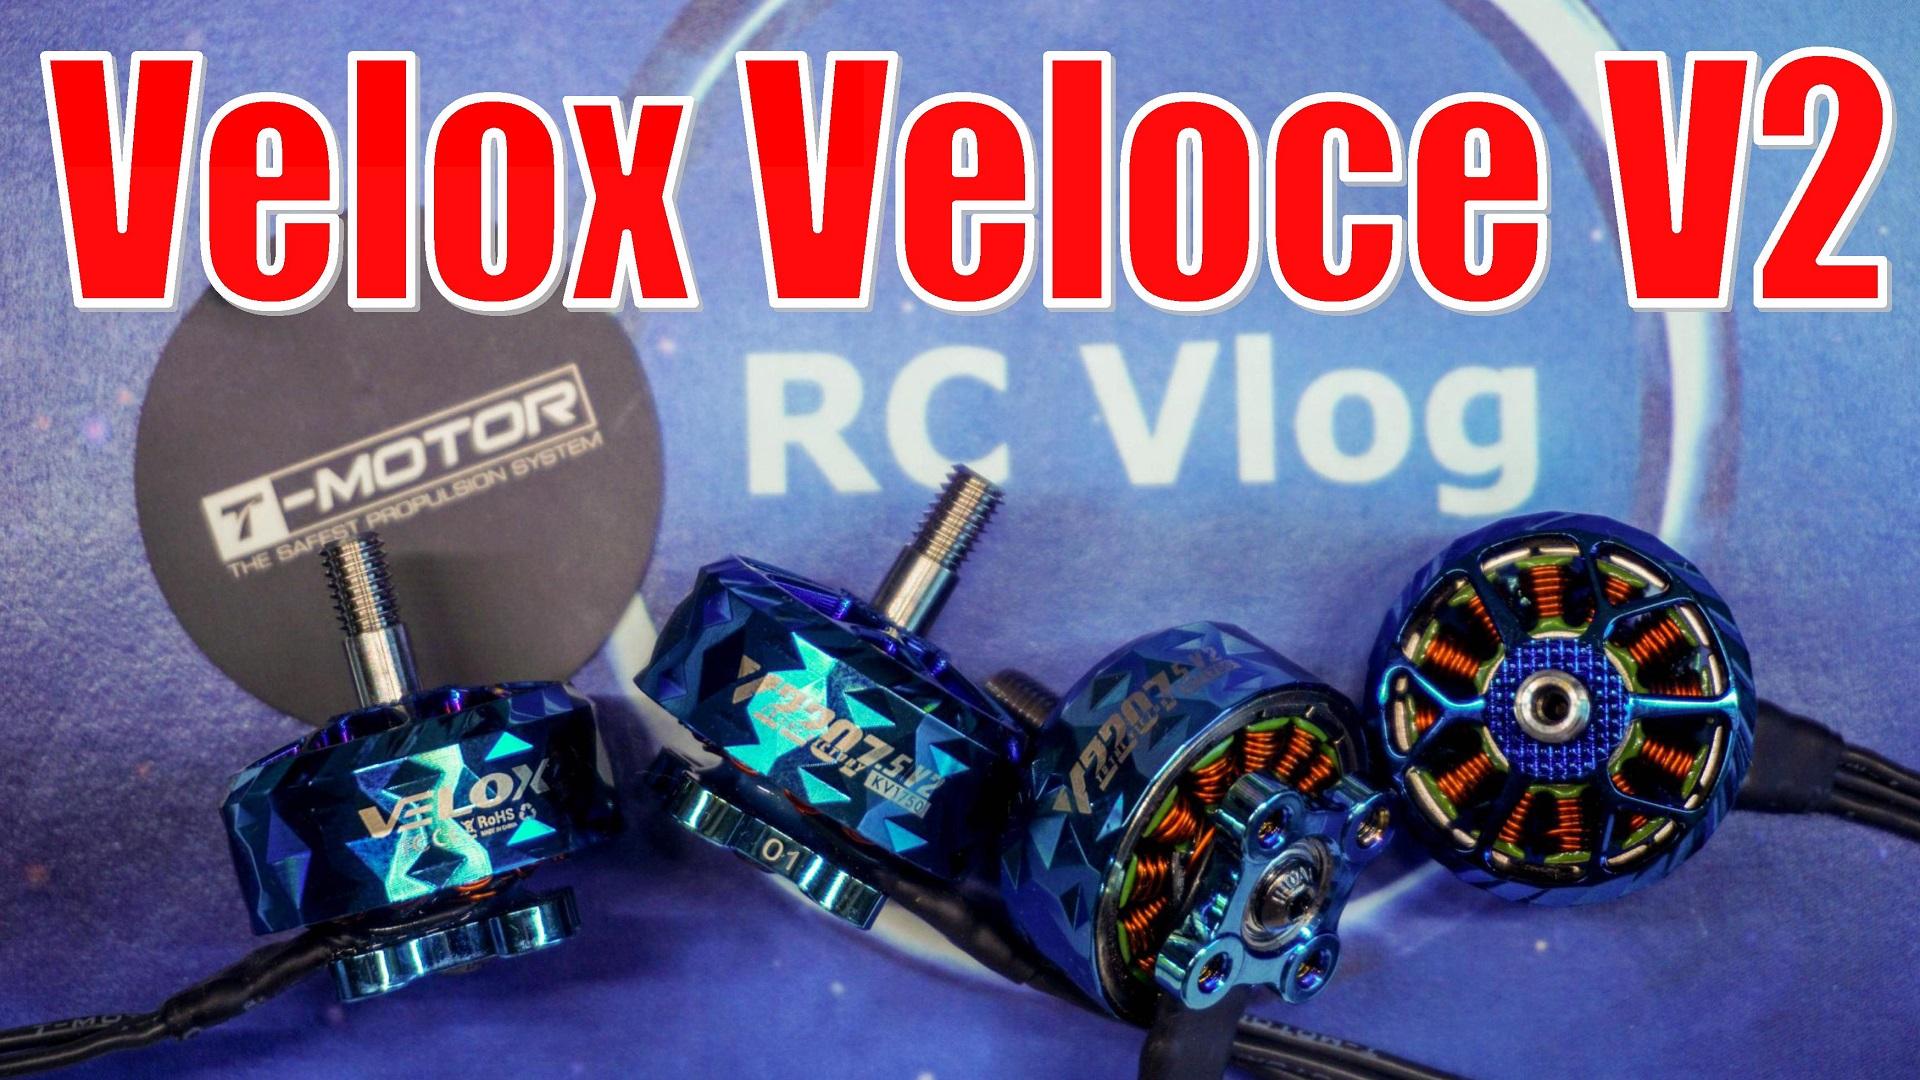 T-Motor Velox Veloce V22075 V2